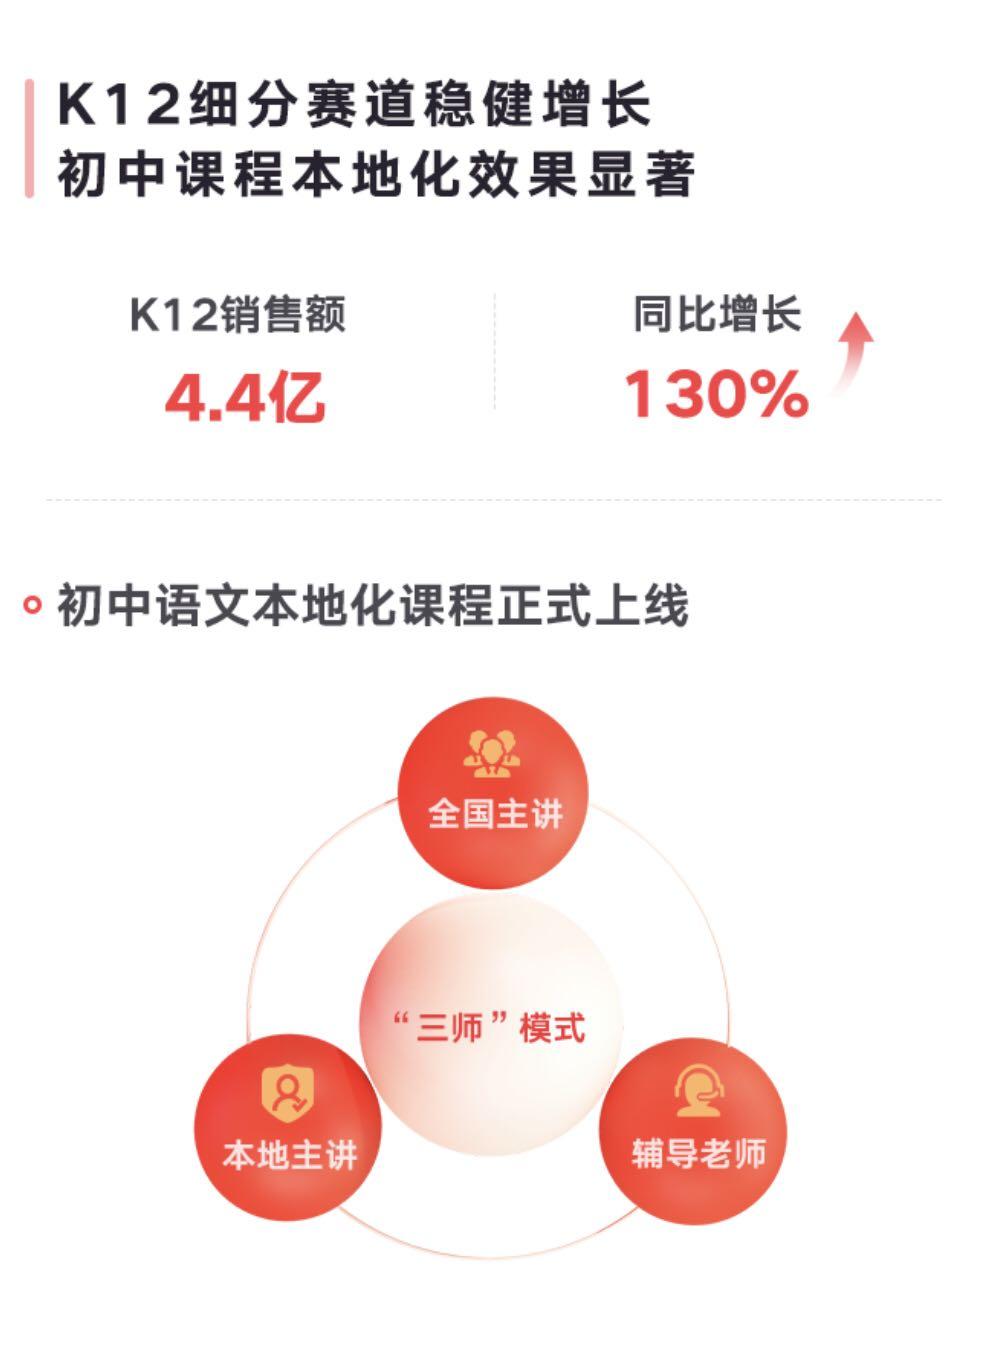 网易有道精品课k12业务增长130.2% 布局本地化网课抢占先机